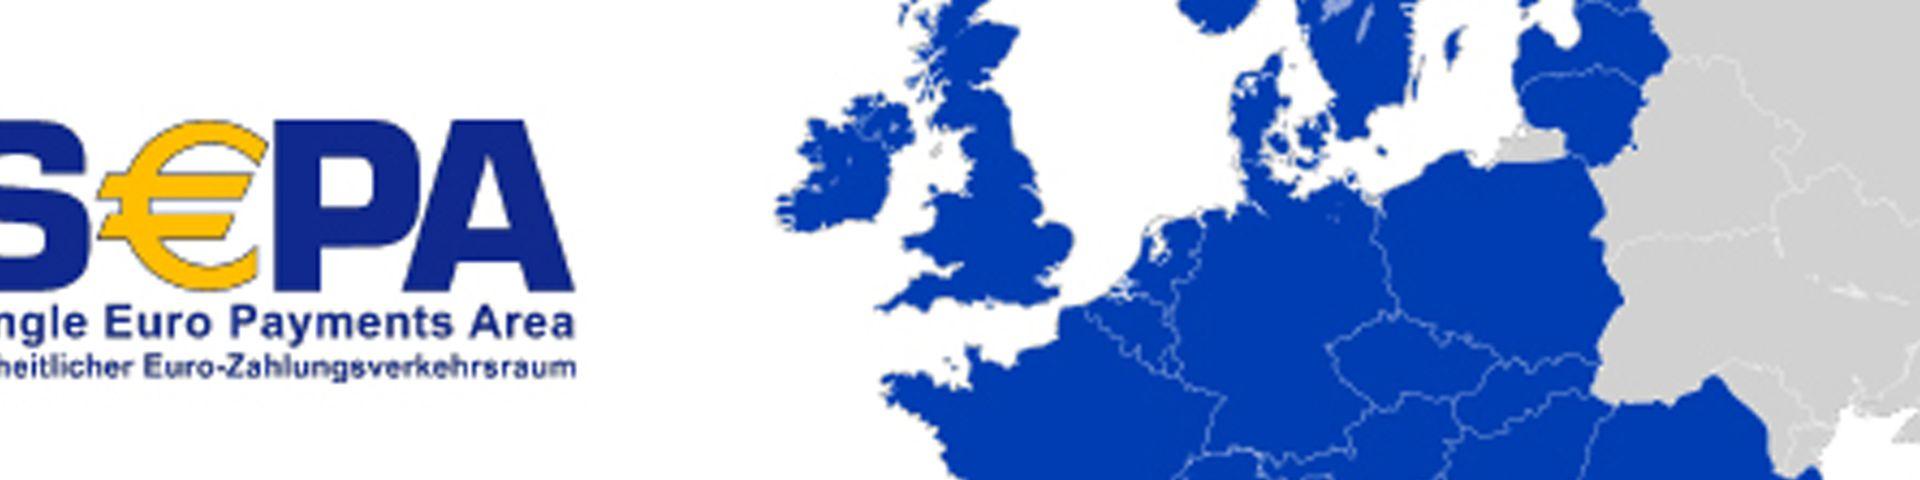 Normativa jurídica SEPA (Área de pagos única europea)